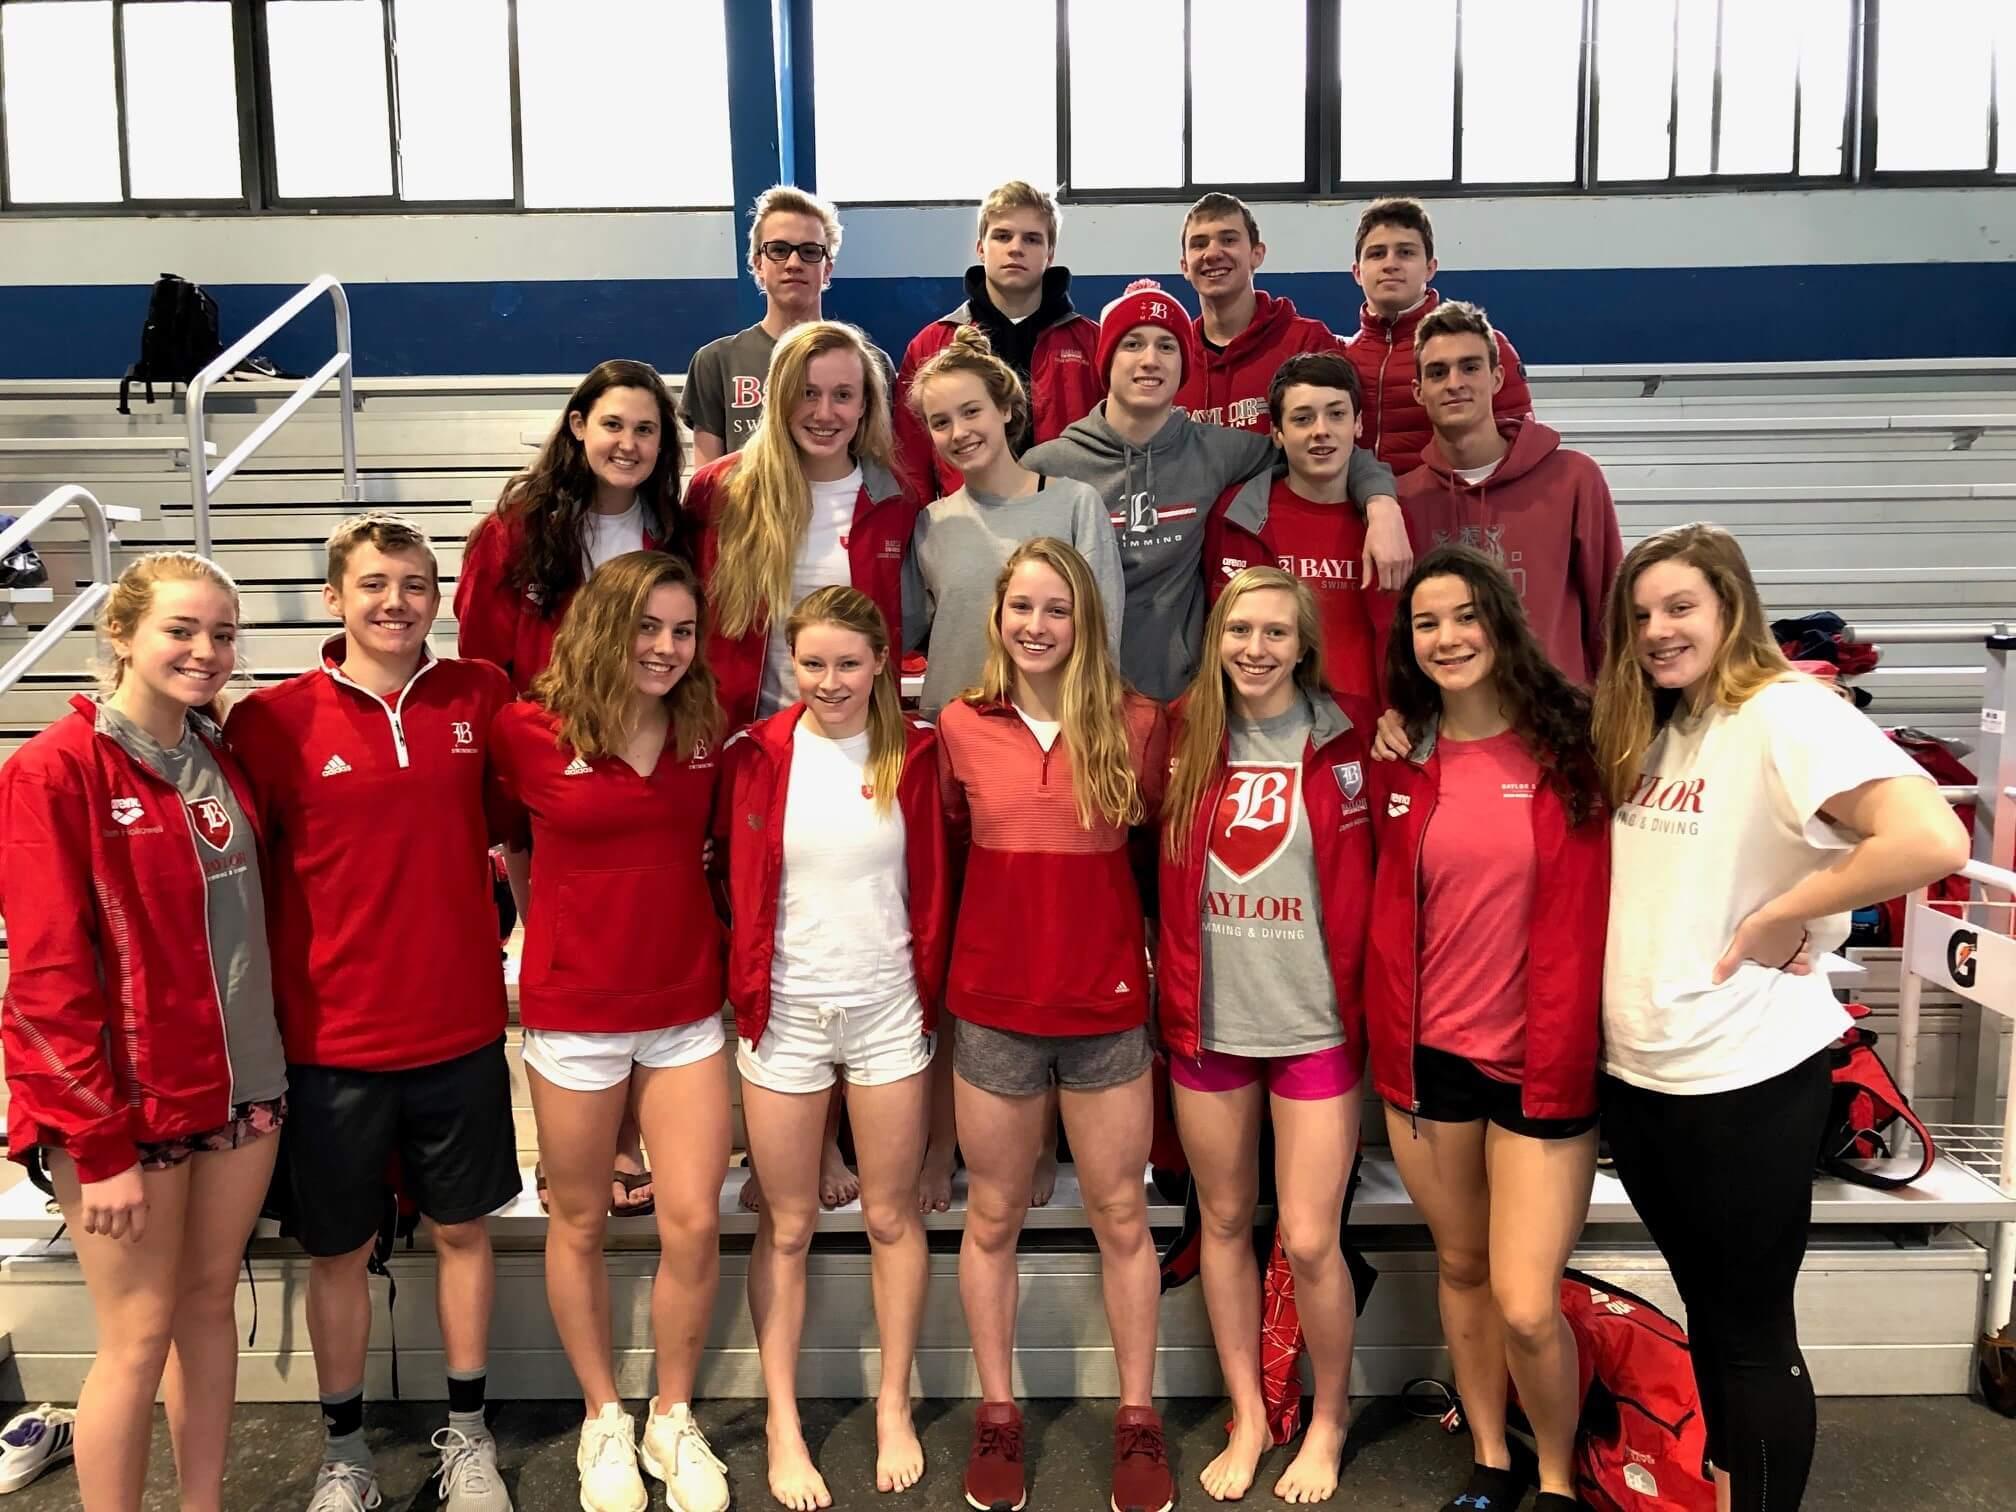 Junior Relay Swimming Team 14-04-19 - Glenlola Collegiate